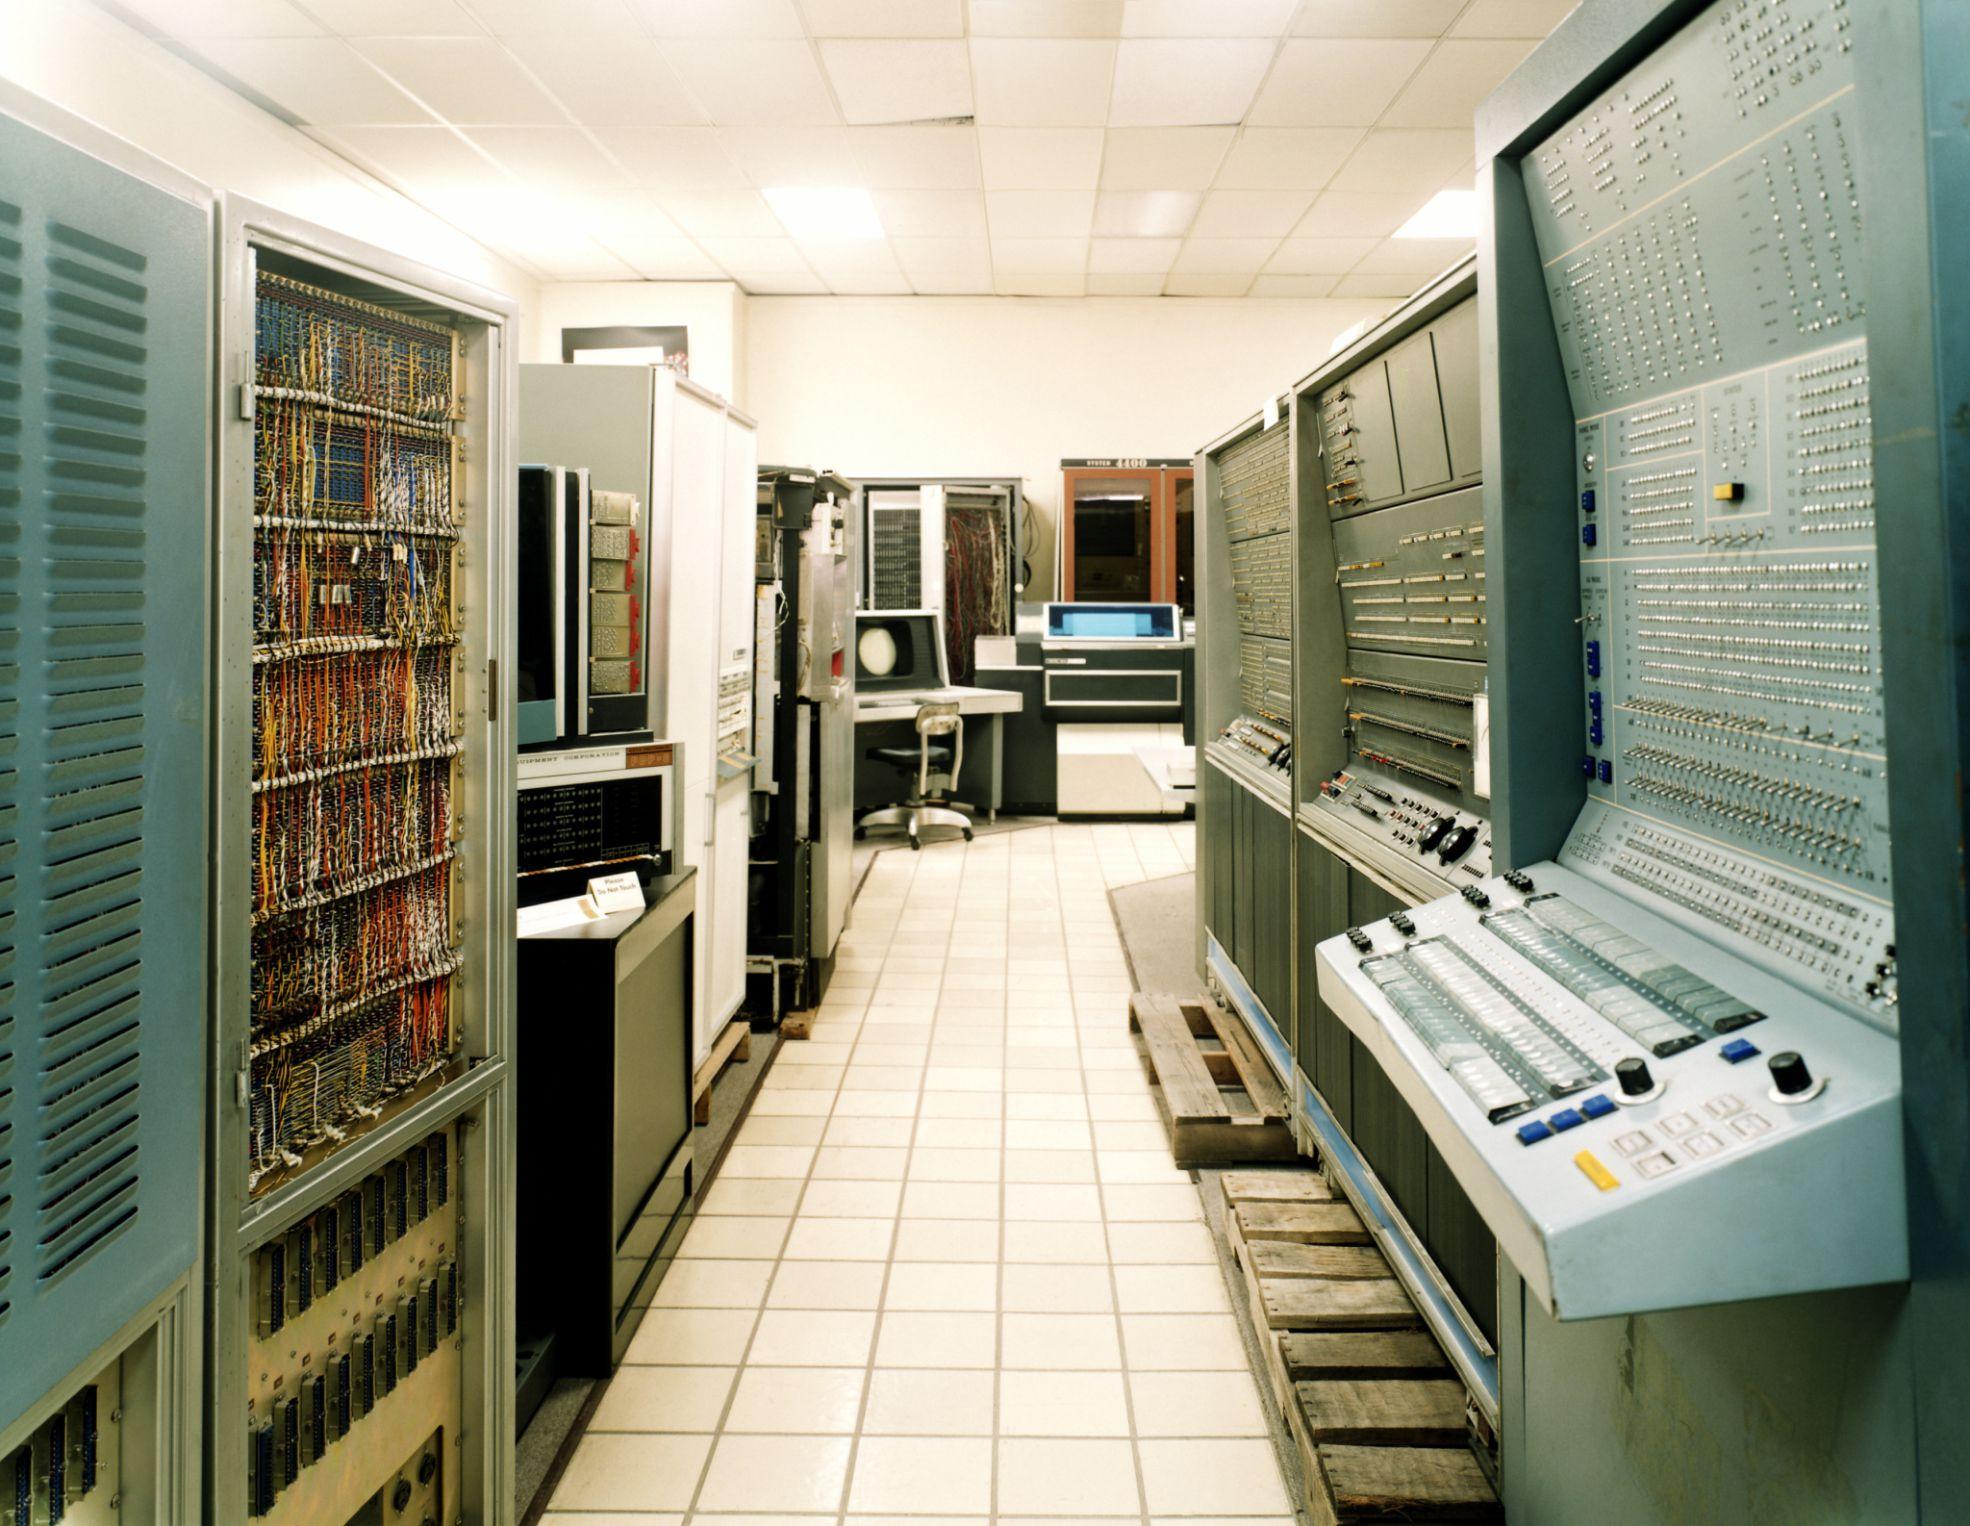 Электронно-вычислительная машина — википедия. что такое электронно-вычислительная машина